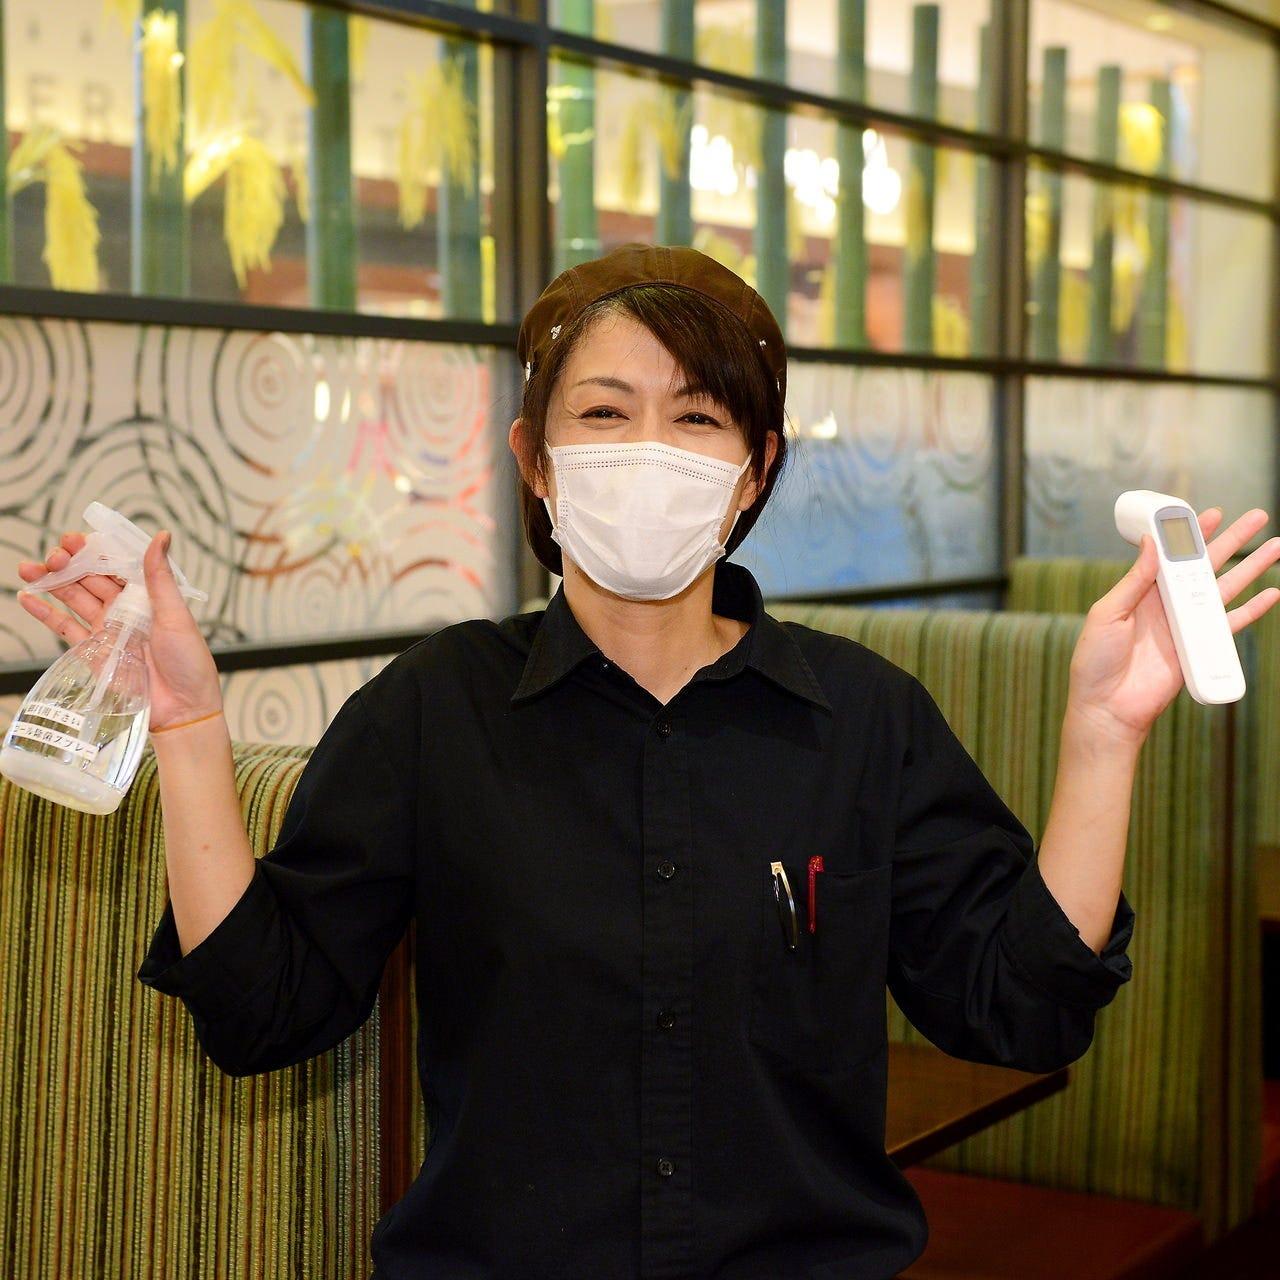 お客様の安心・安全のため様々な感染防止対策を行っております!